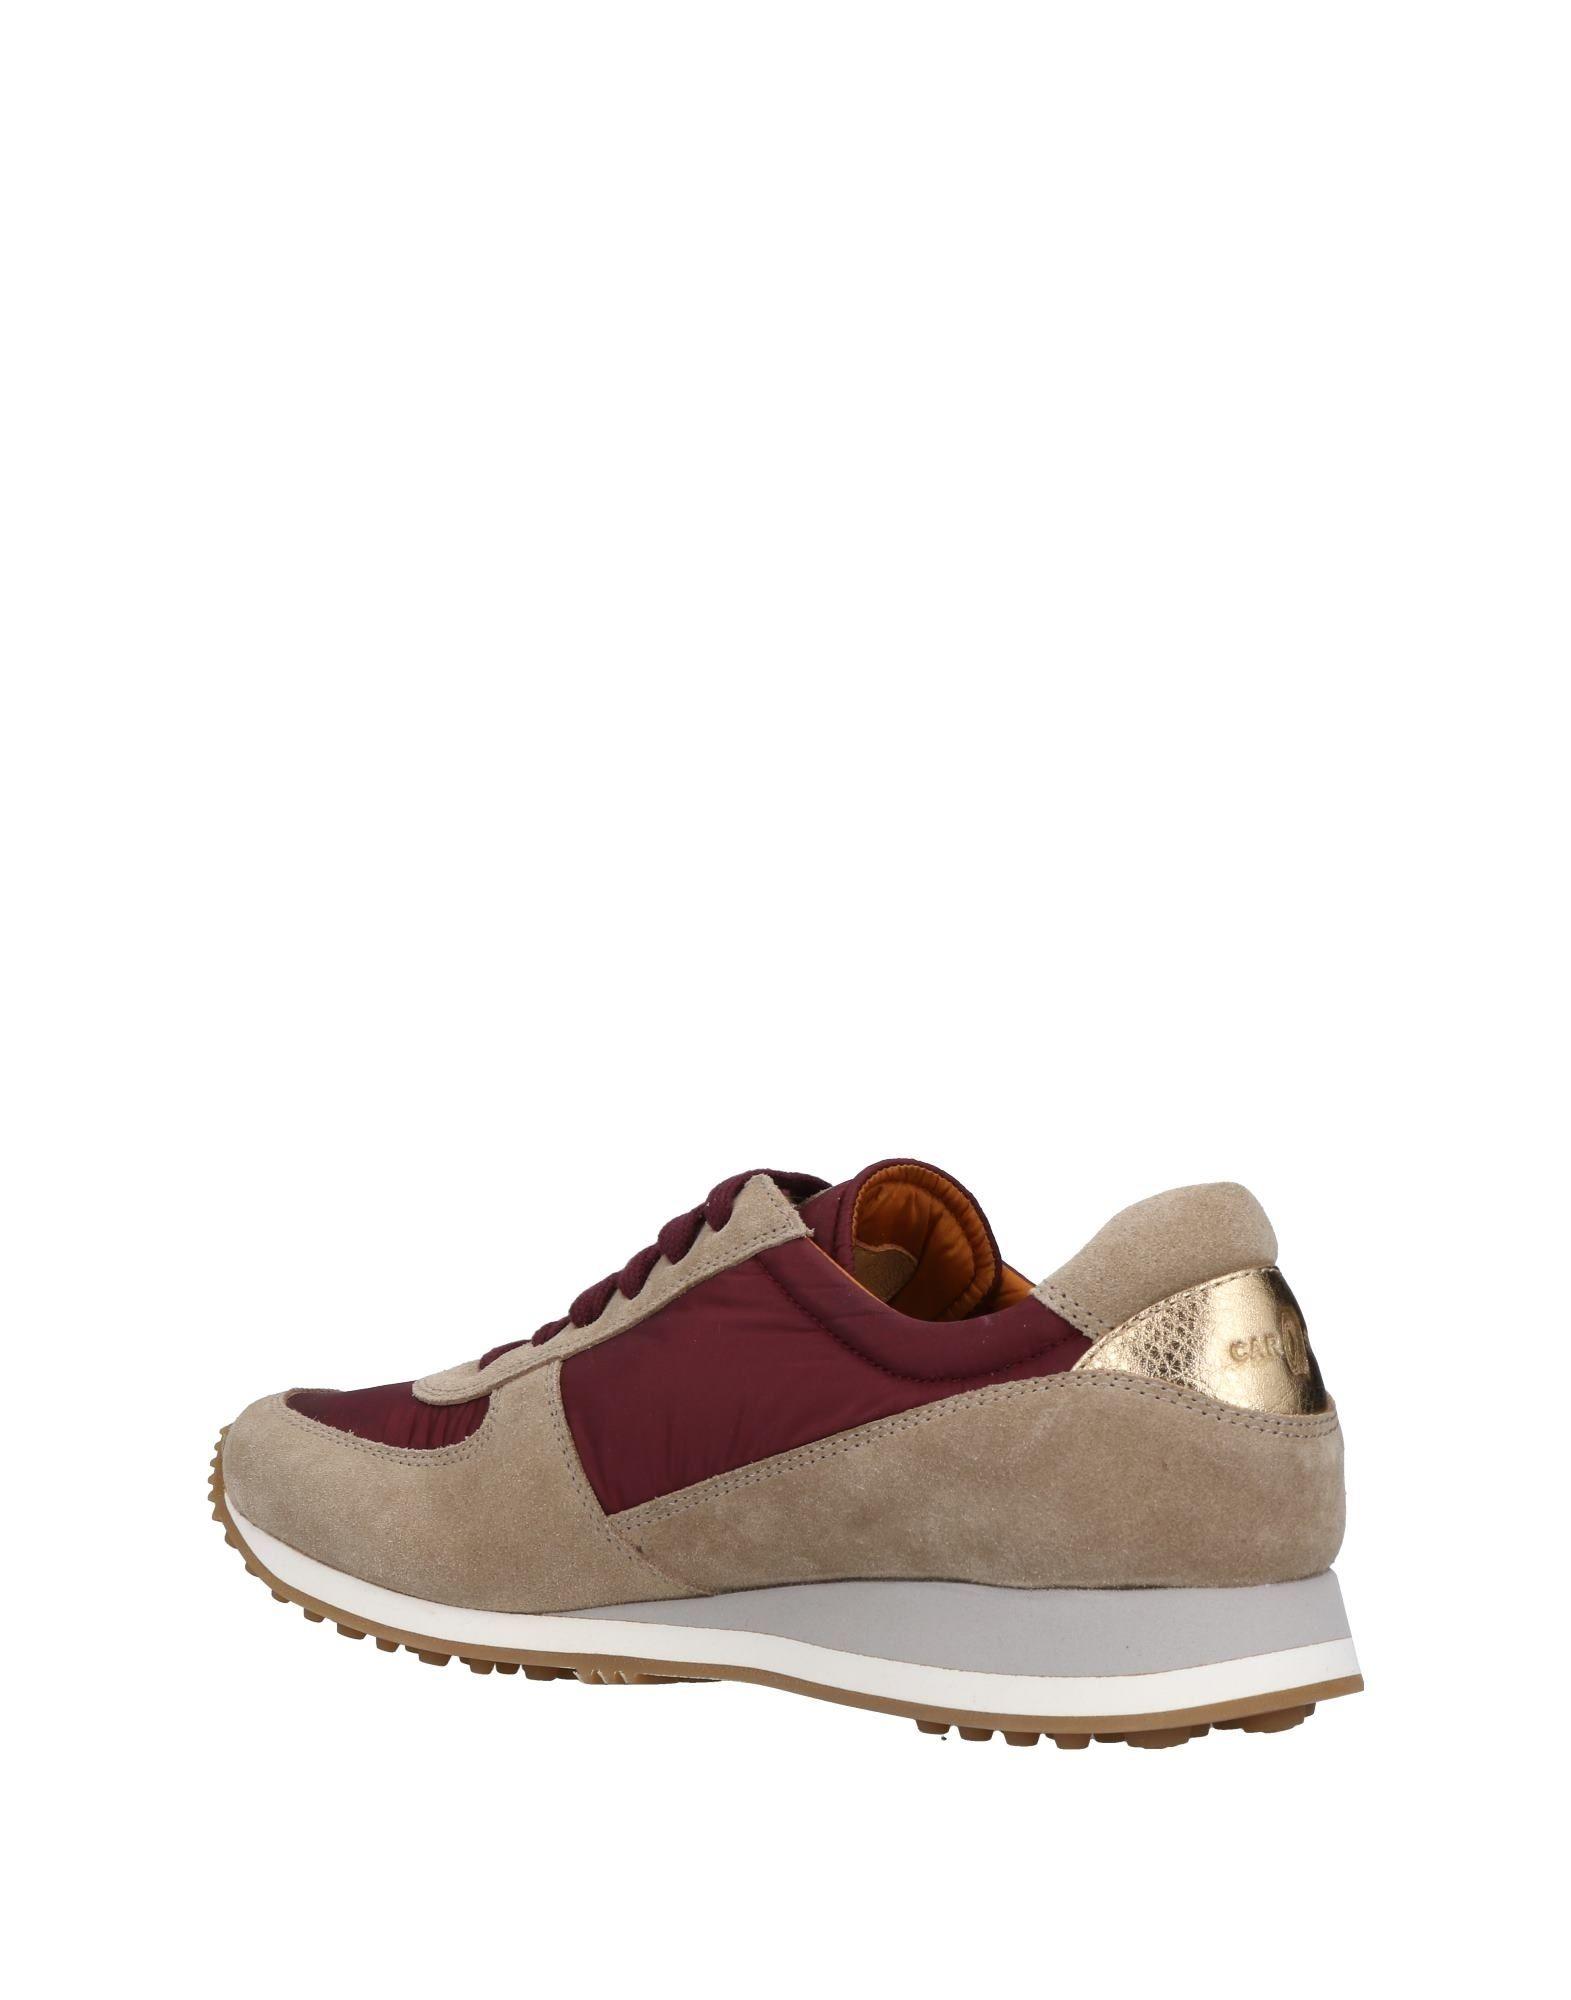 Stilvolle billige Schuhe Damen Carshoe Sneakers Damen Schuhe  11501902TR 044dcd